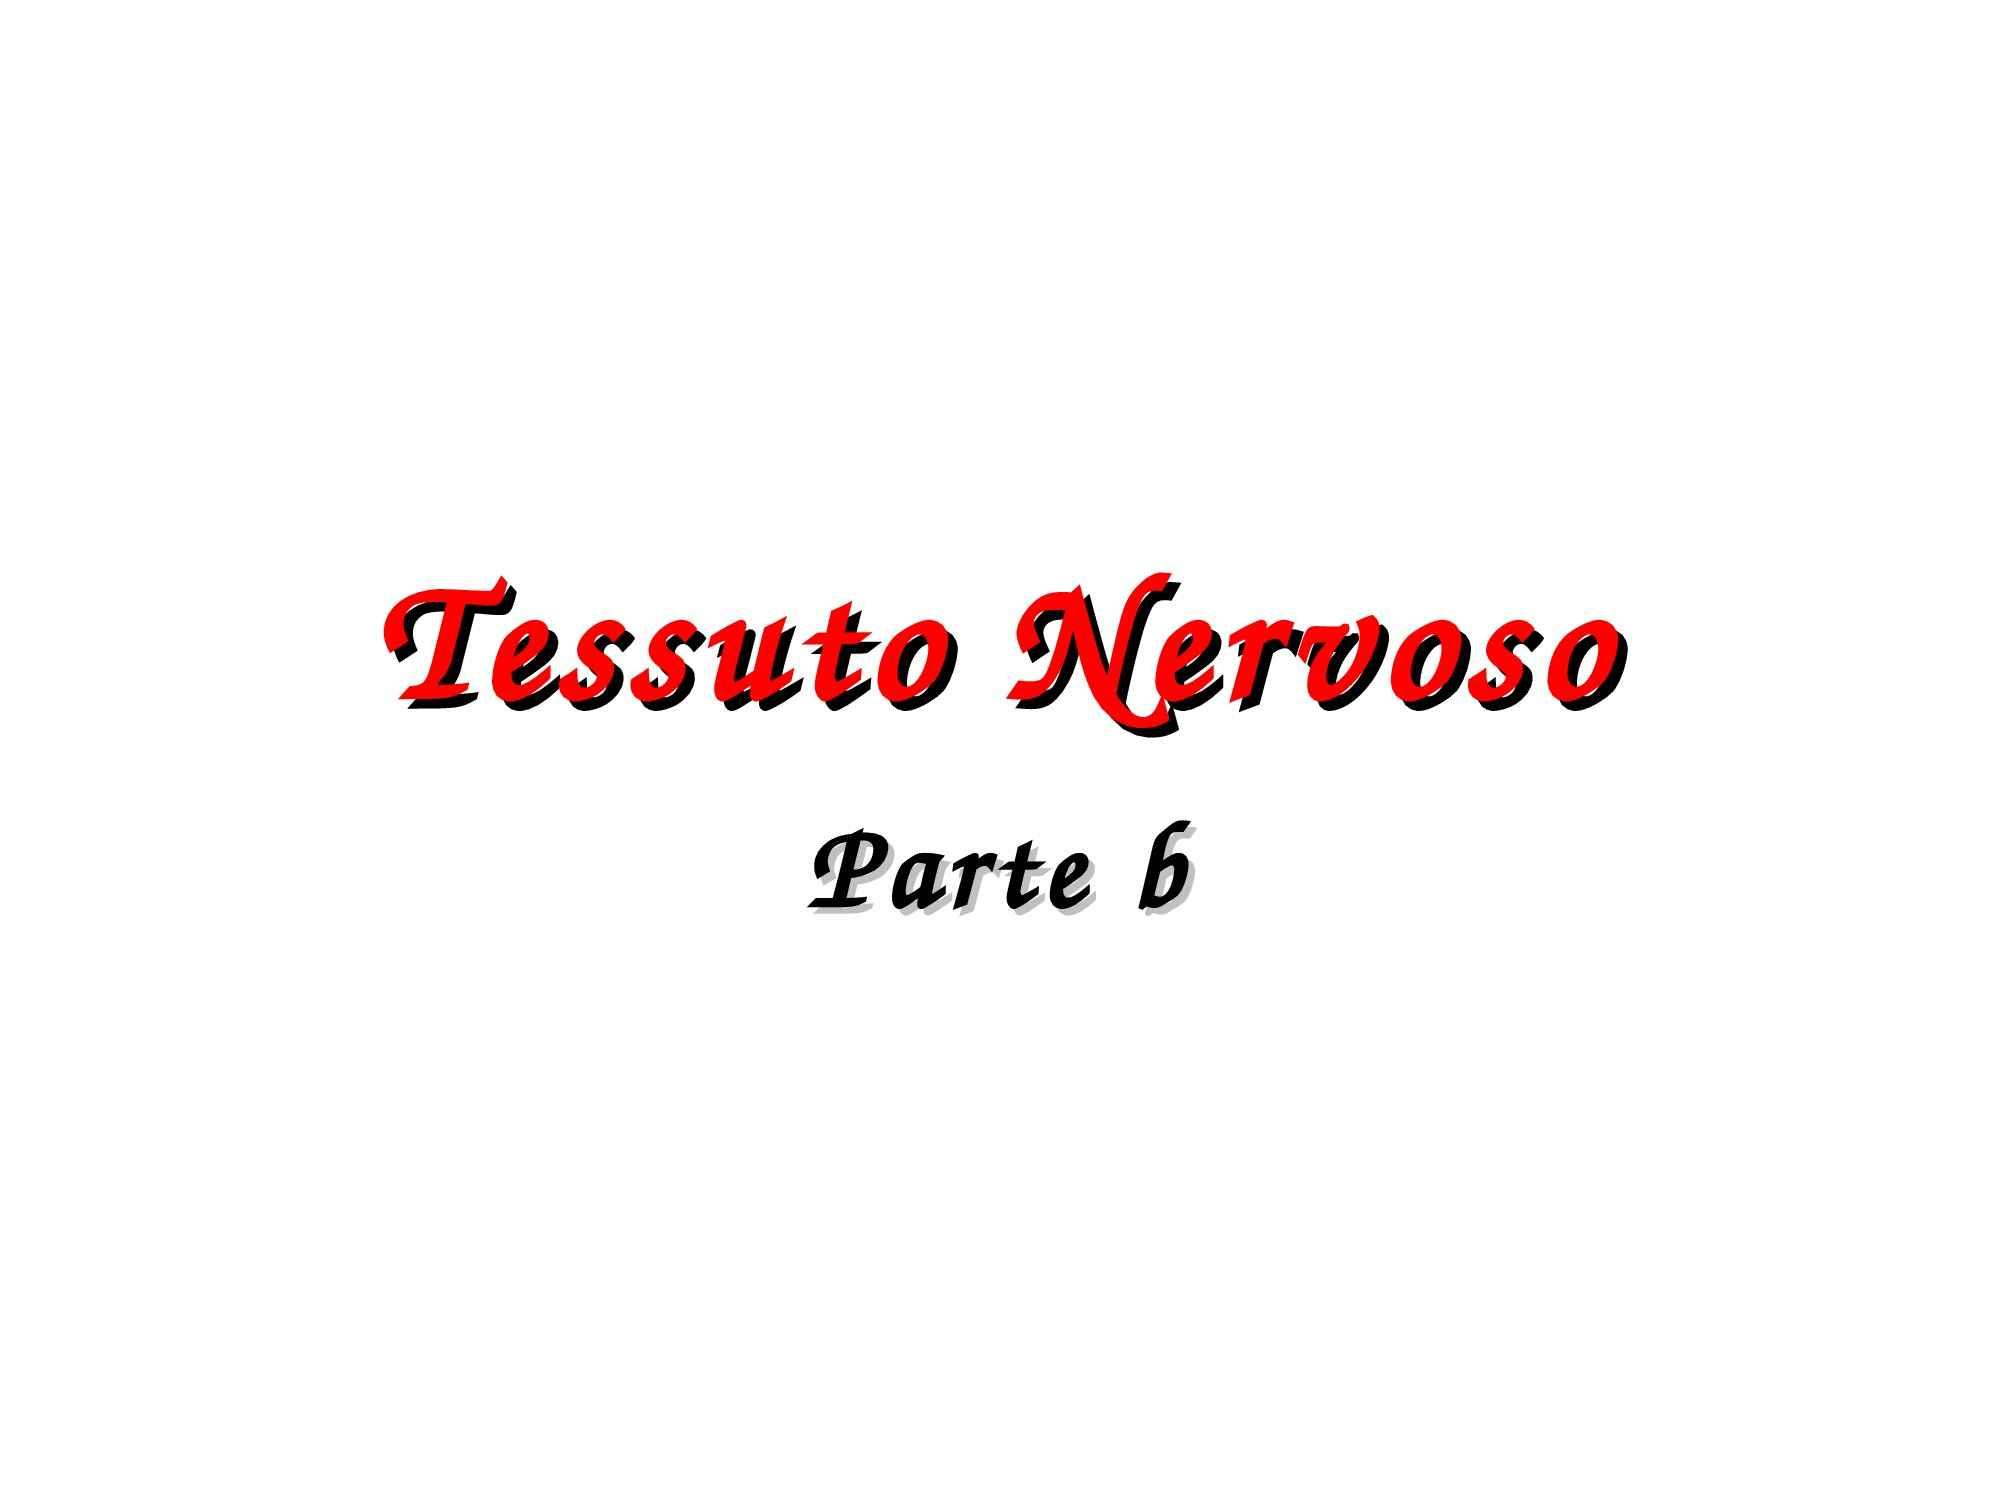 Tessuto nervoso e Sistema Nervoso